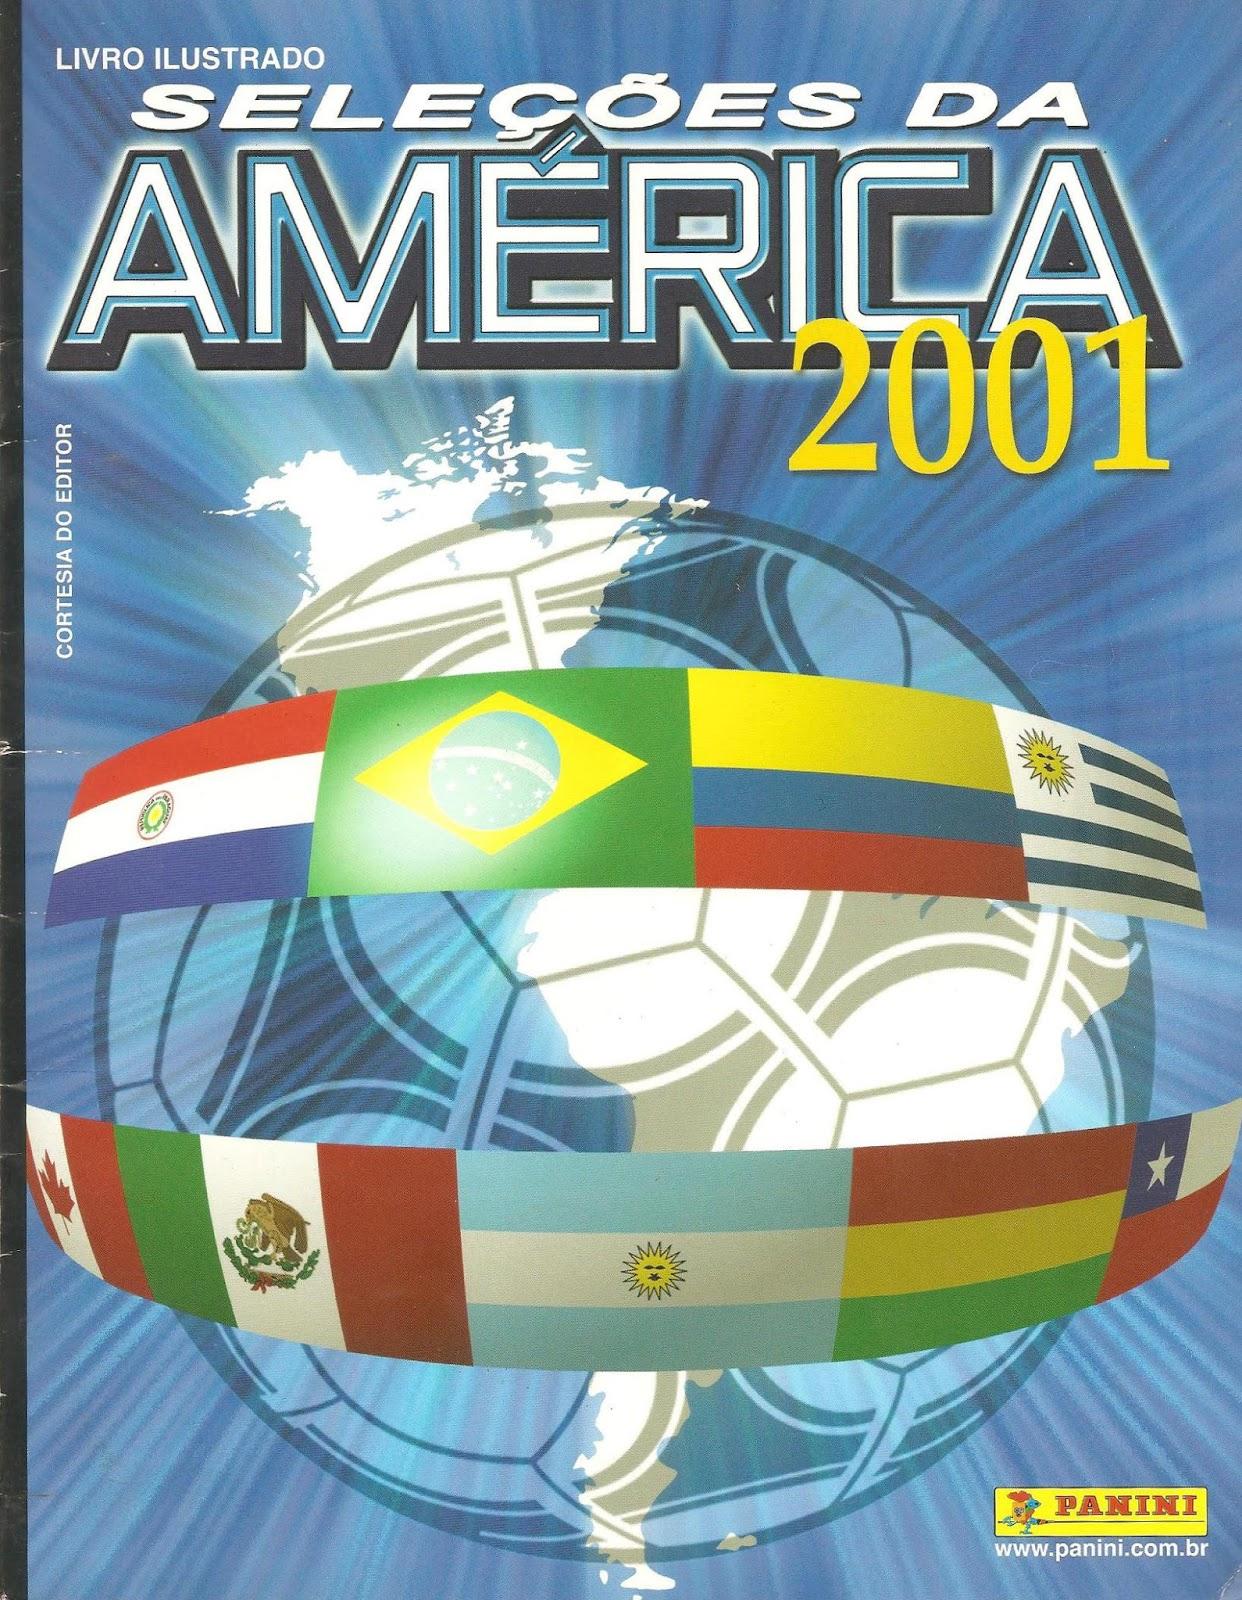 copa america - photo #39